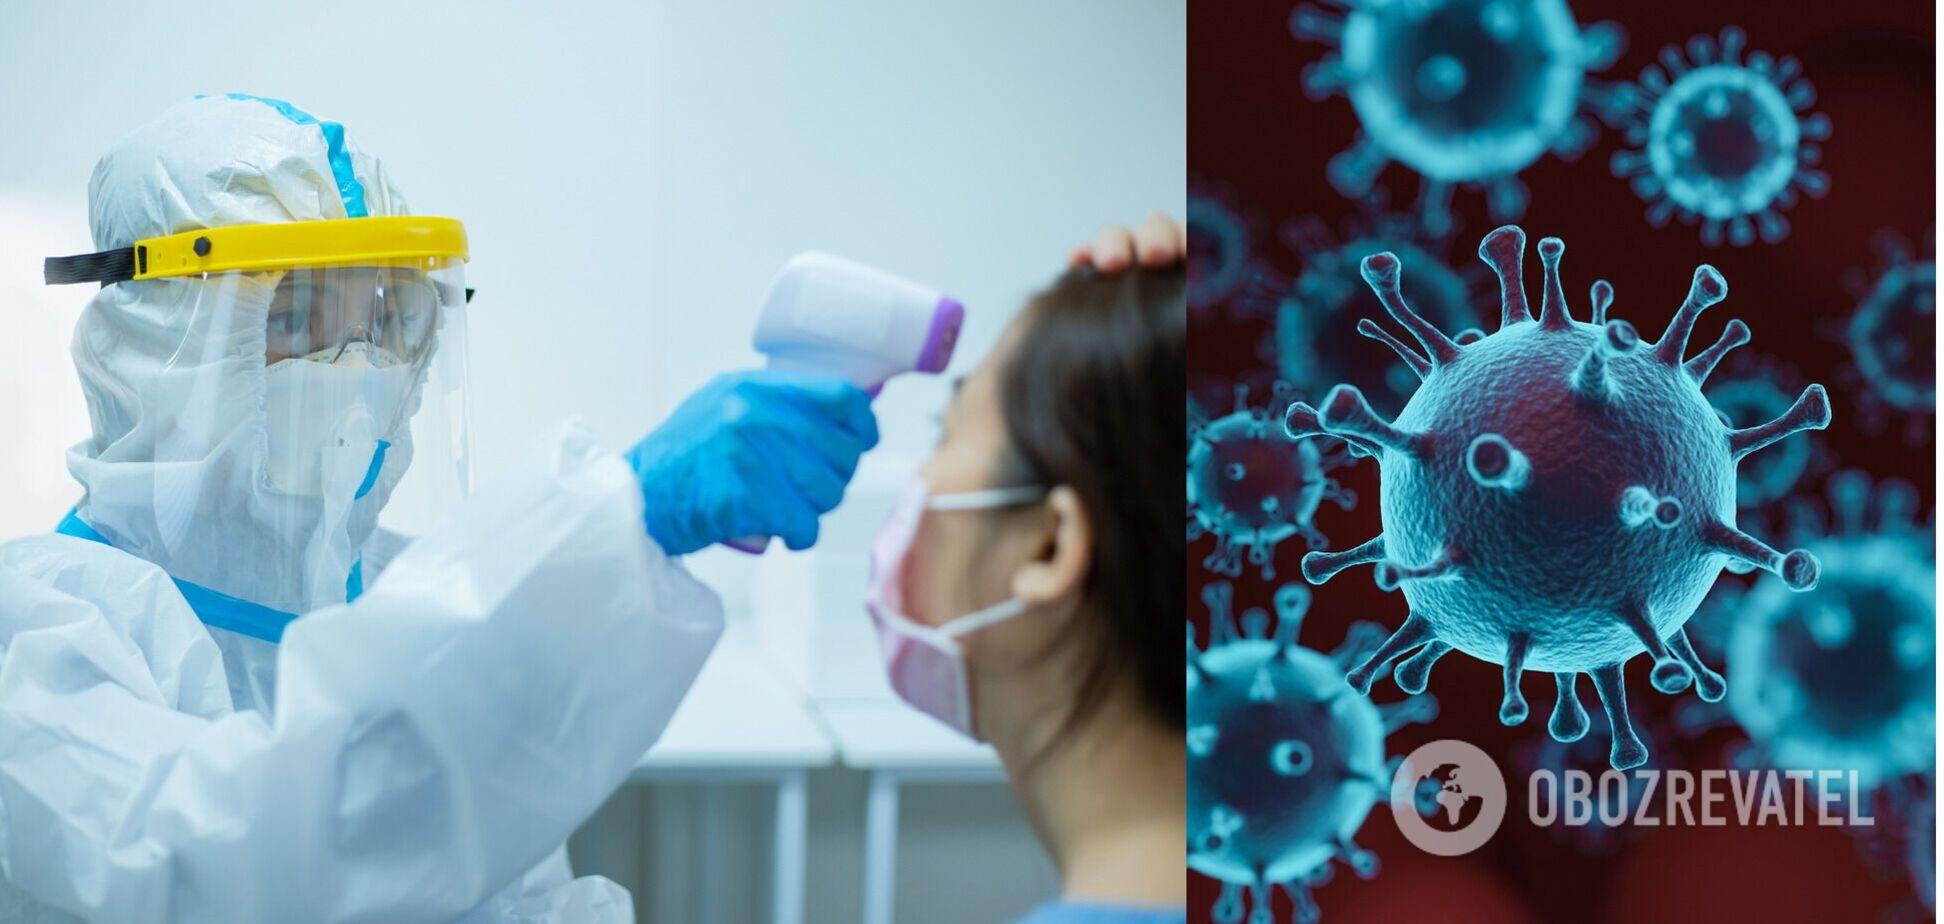 Послаблення обмежень в Австралії та 700 тис. померлих у США. Хроніка коронавірусу на 2 жовтня